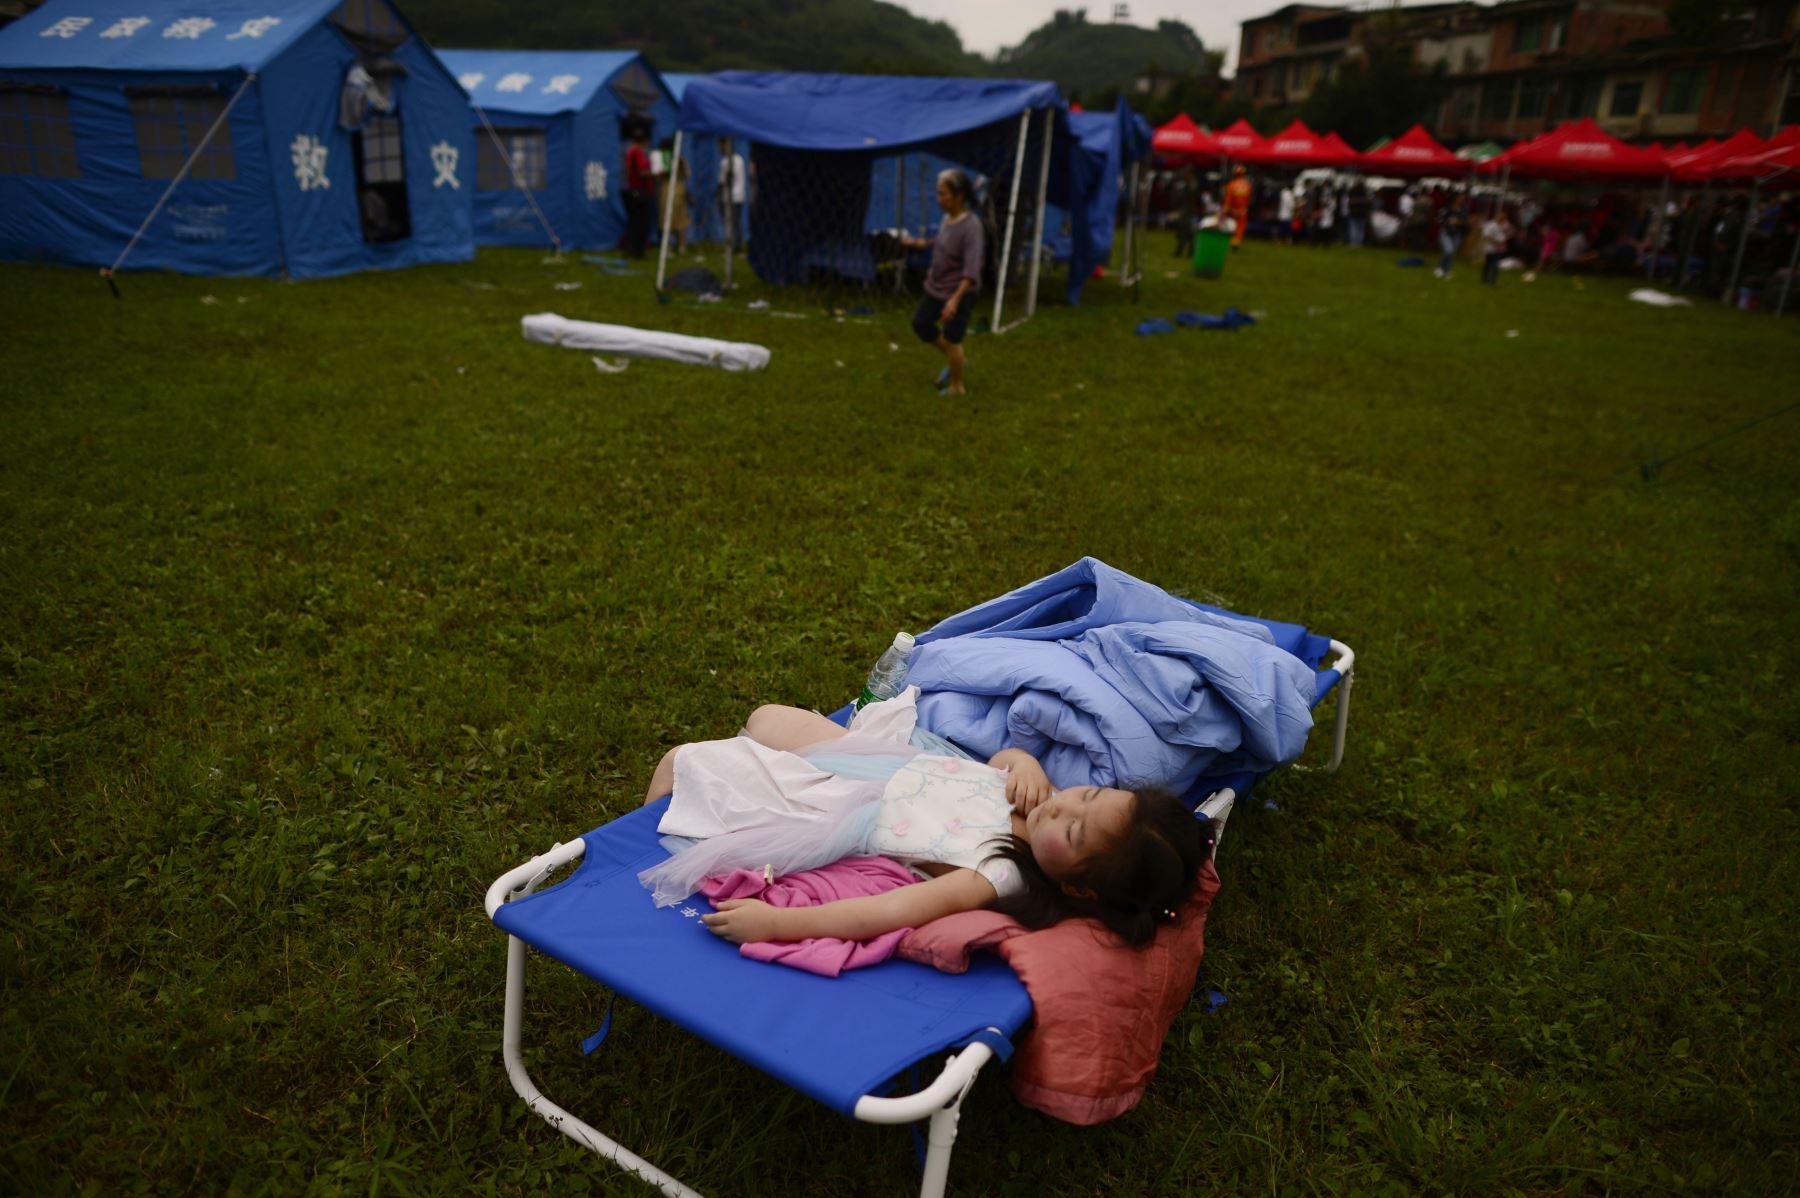 Un niño duerme en un campamento temporal establecido para sobrevivientes del terremoto en Yibin, en la provincia de Sichuan, suroeste de China. Foto: AFP